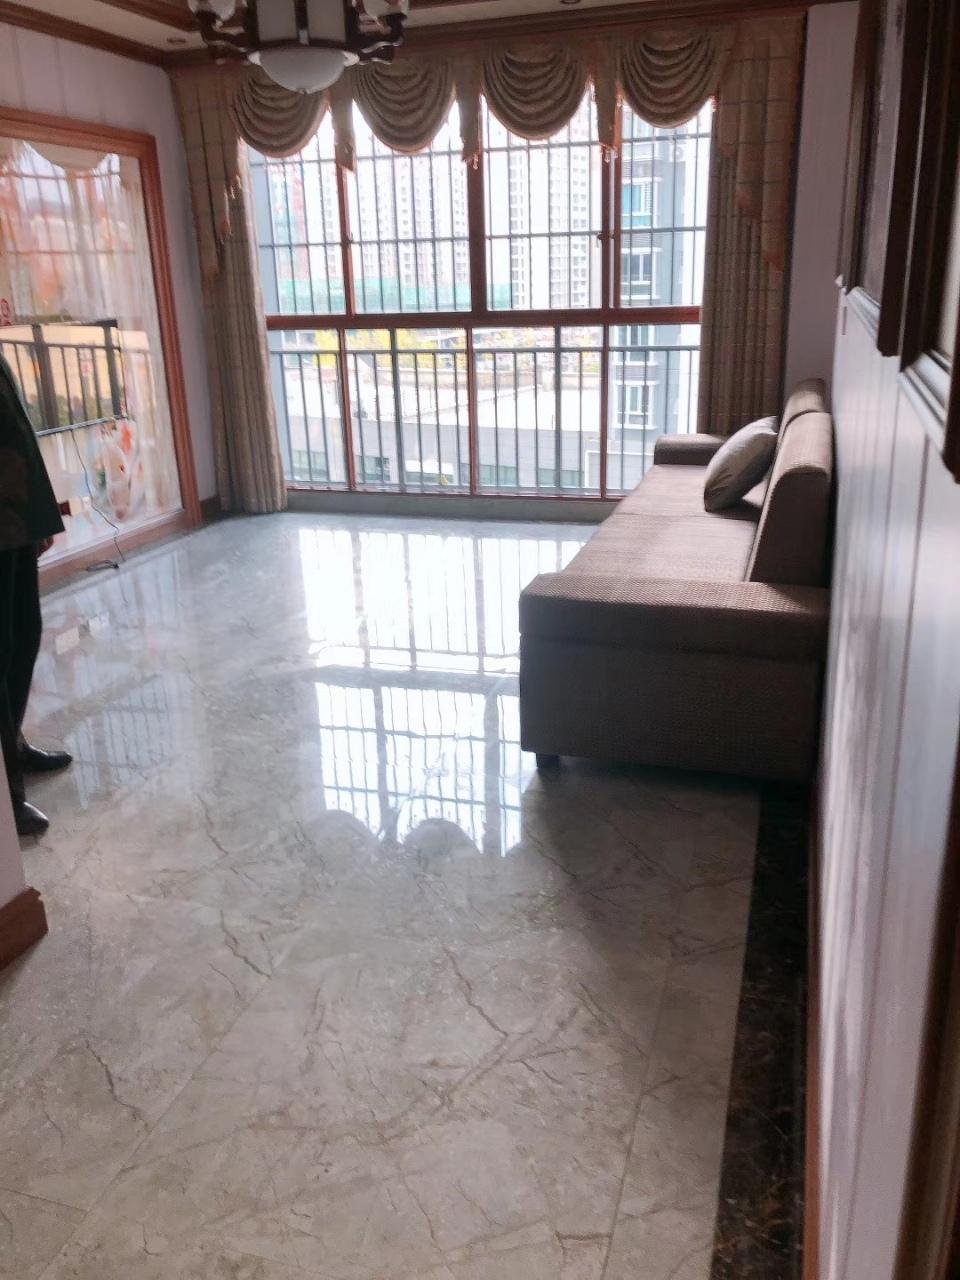 水井湾 2室 1厅 1卫